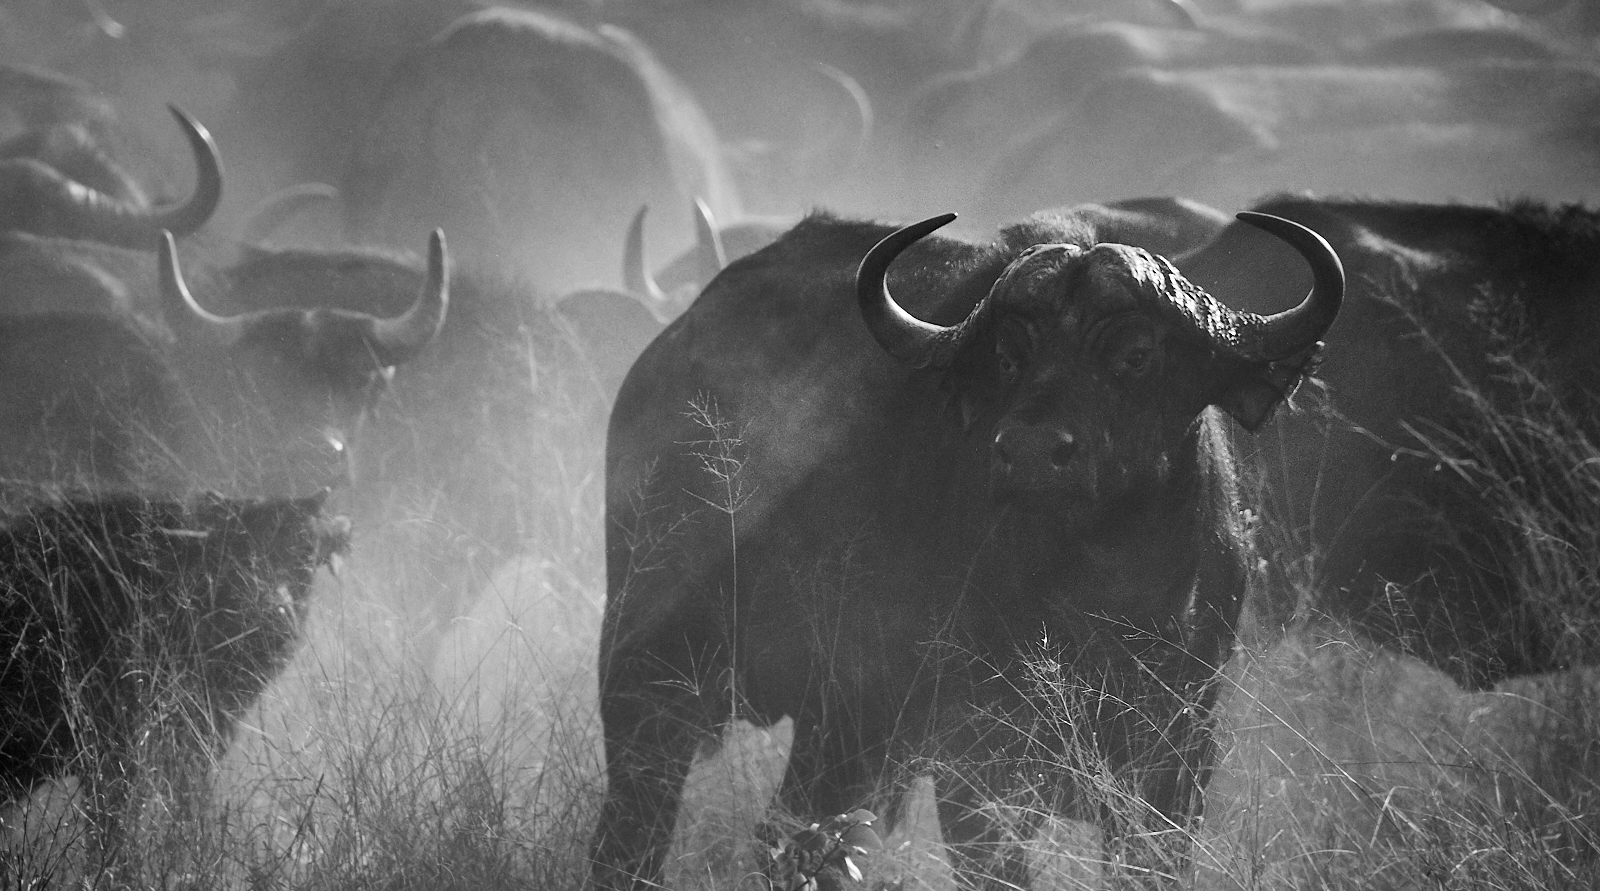 Buffalo in the dust 1600x1200 sRGB.jpg